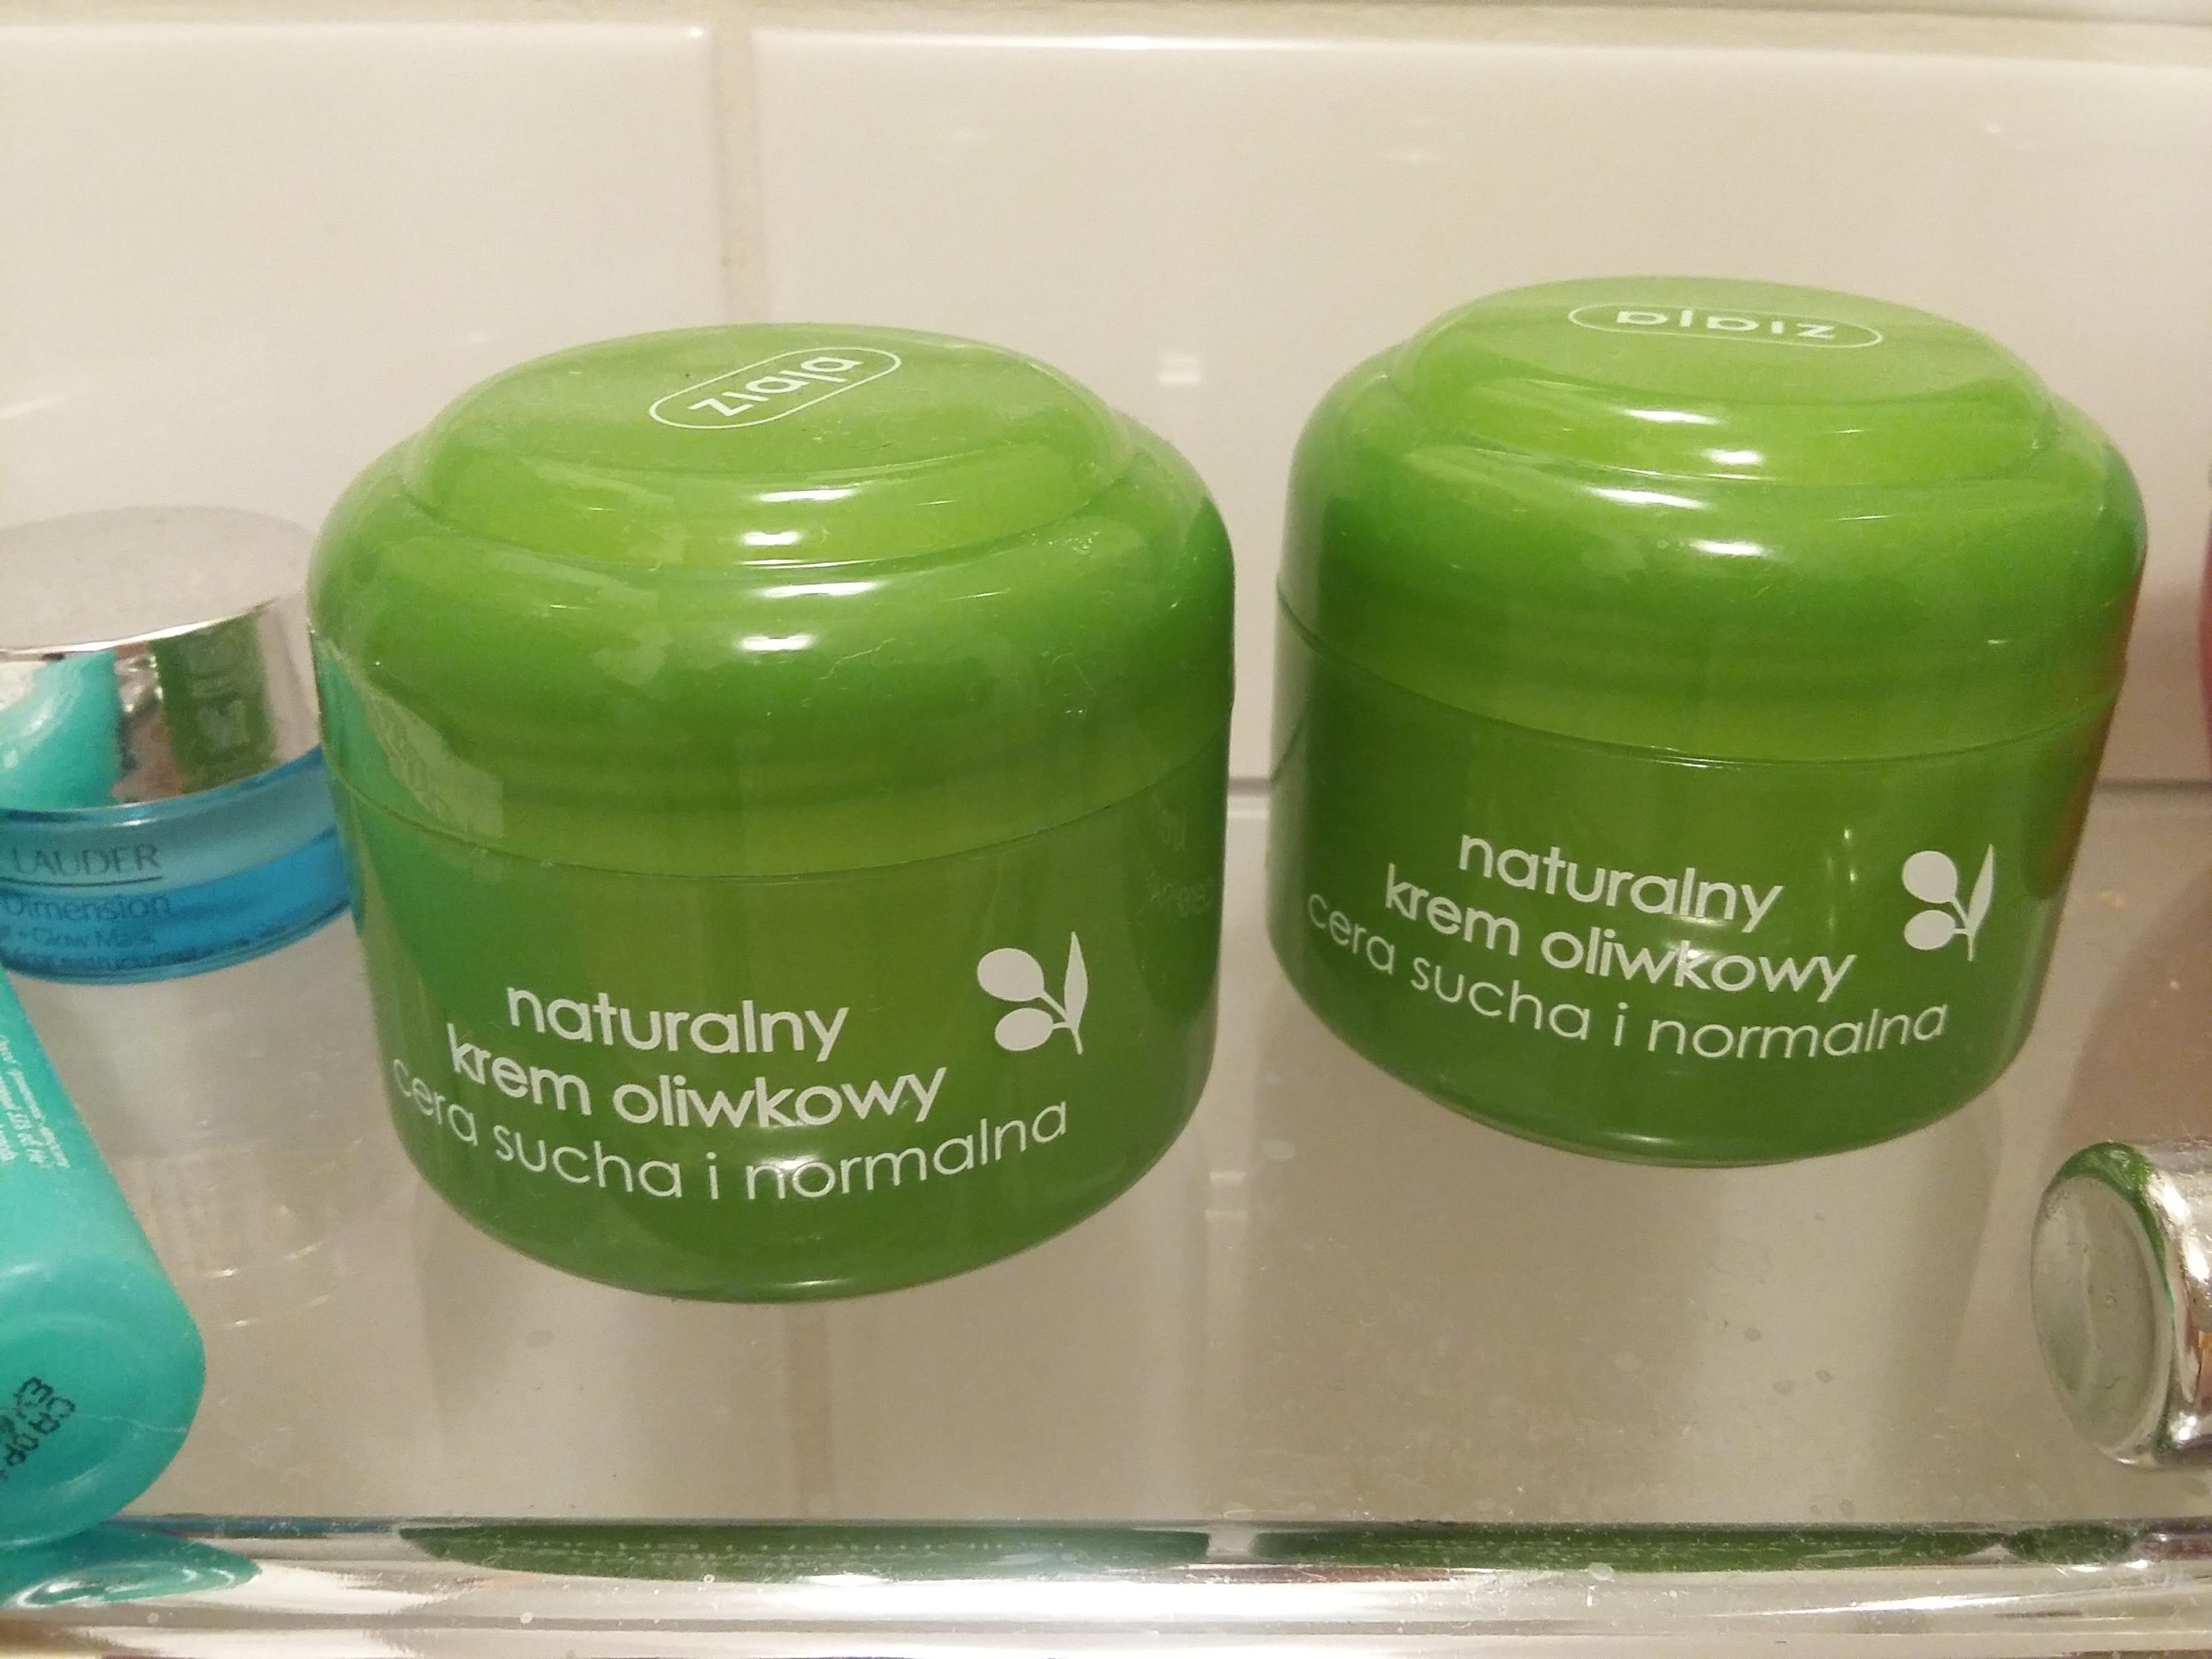 Naturalne kosmetyki Ziaja – czy na pewno?